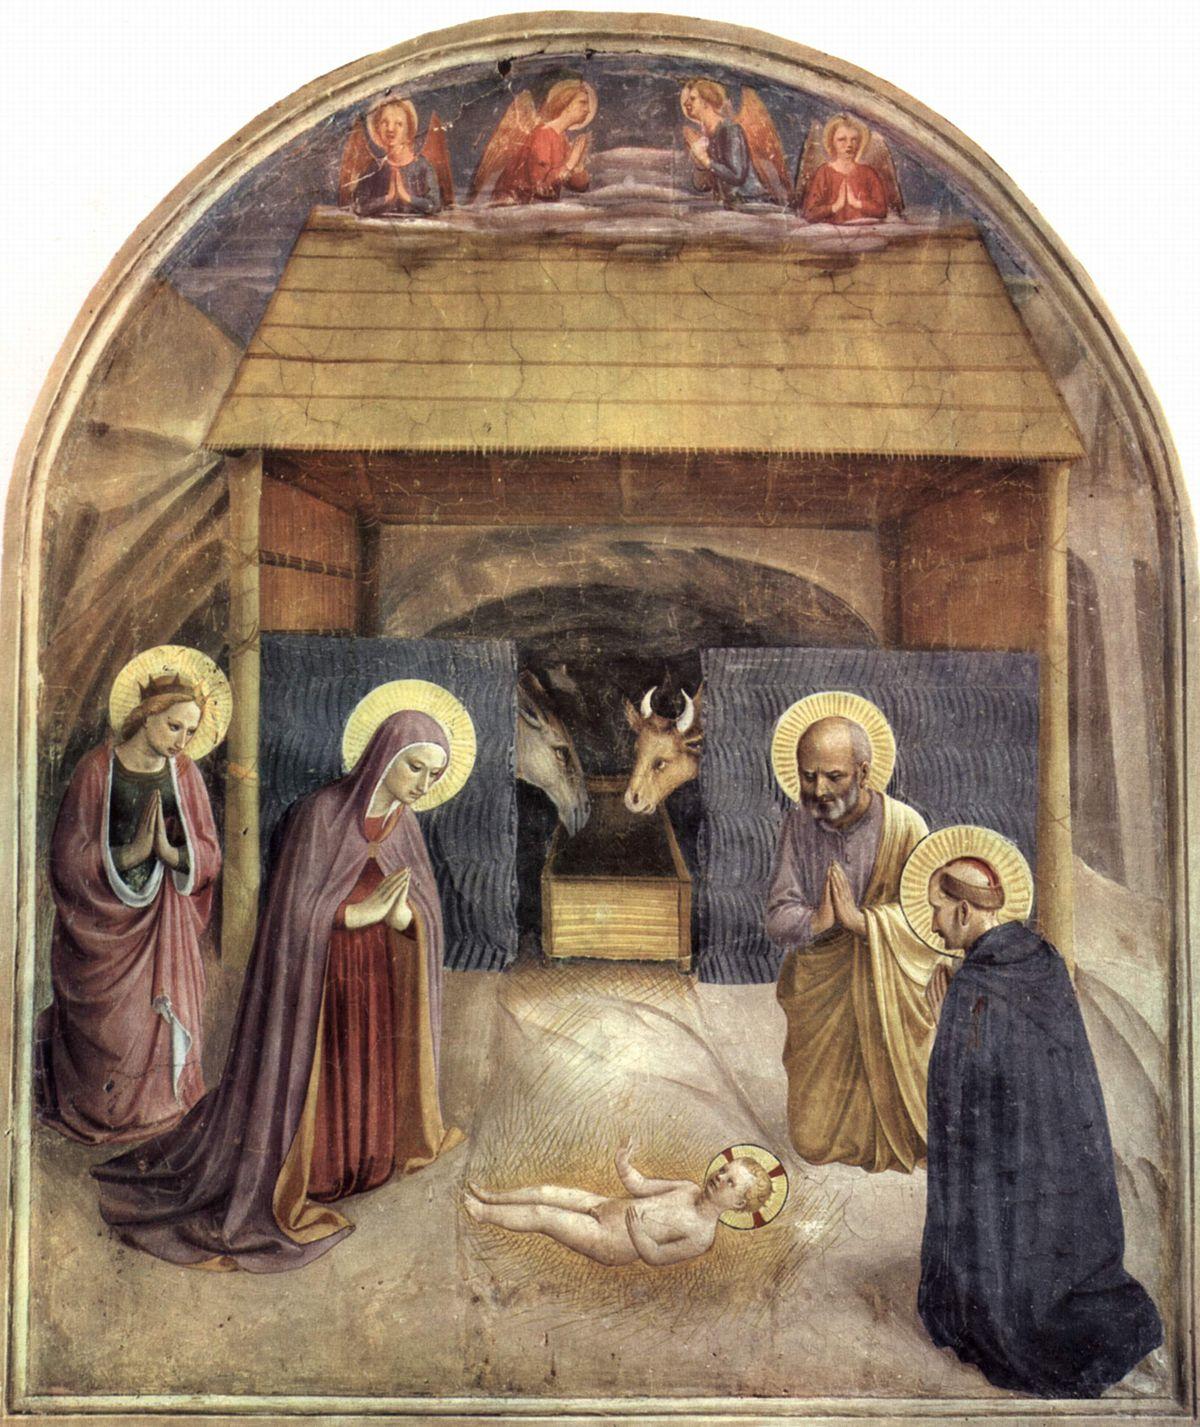 https://upload.wikimedia.org/wikipedia/commons/thumb/b/ba/Adorazione_del_Bambino_-_Beato_Angelico.jpg/1200px-Adorazione_del_Bambino_-_Beato_Angelico.jpg